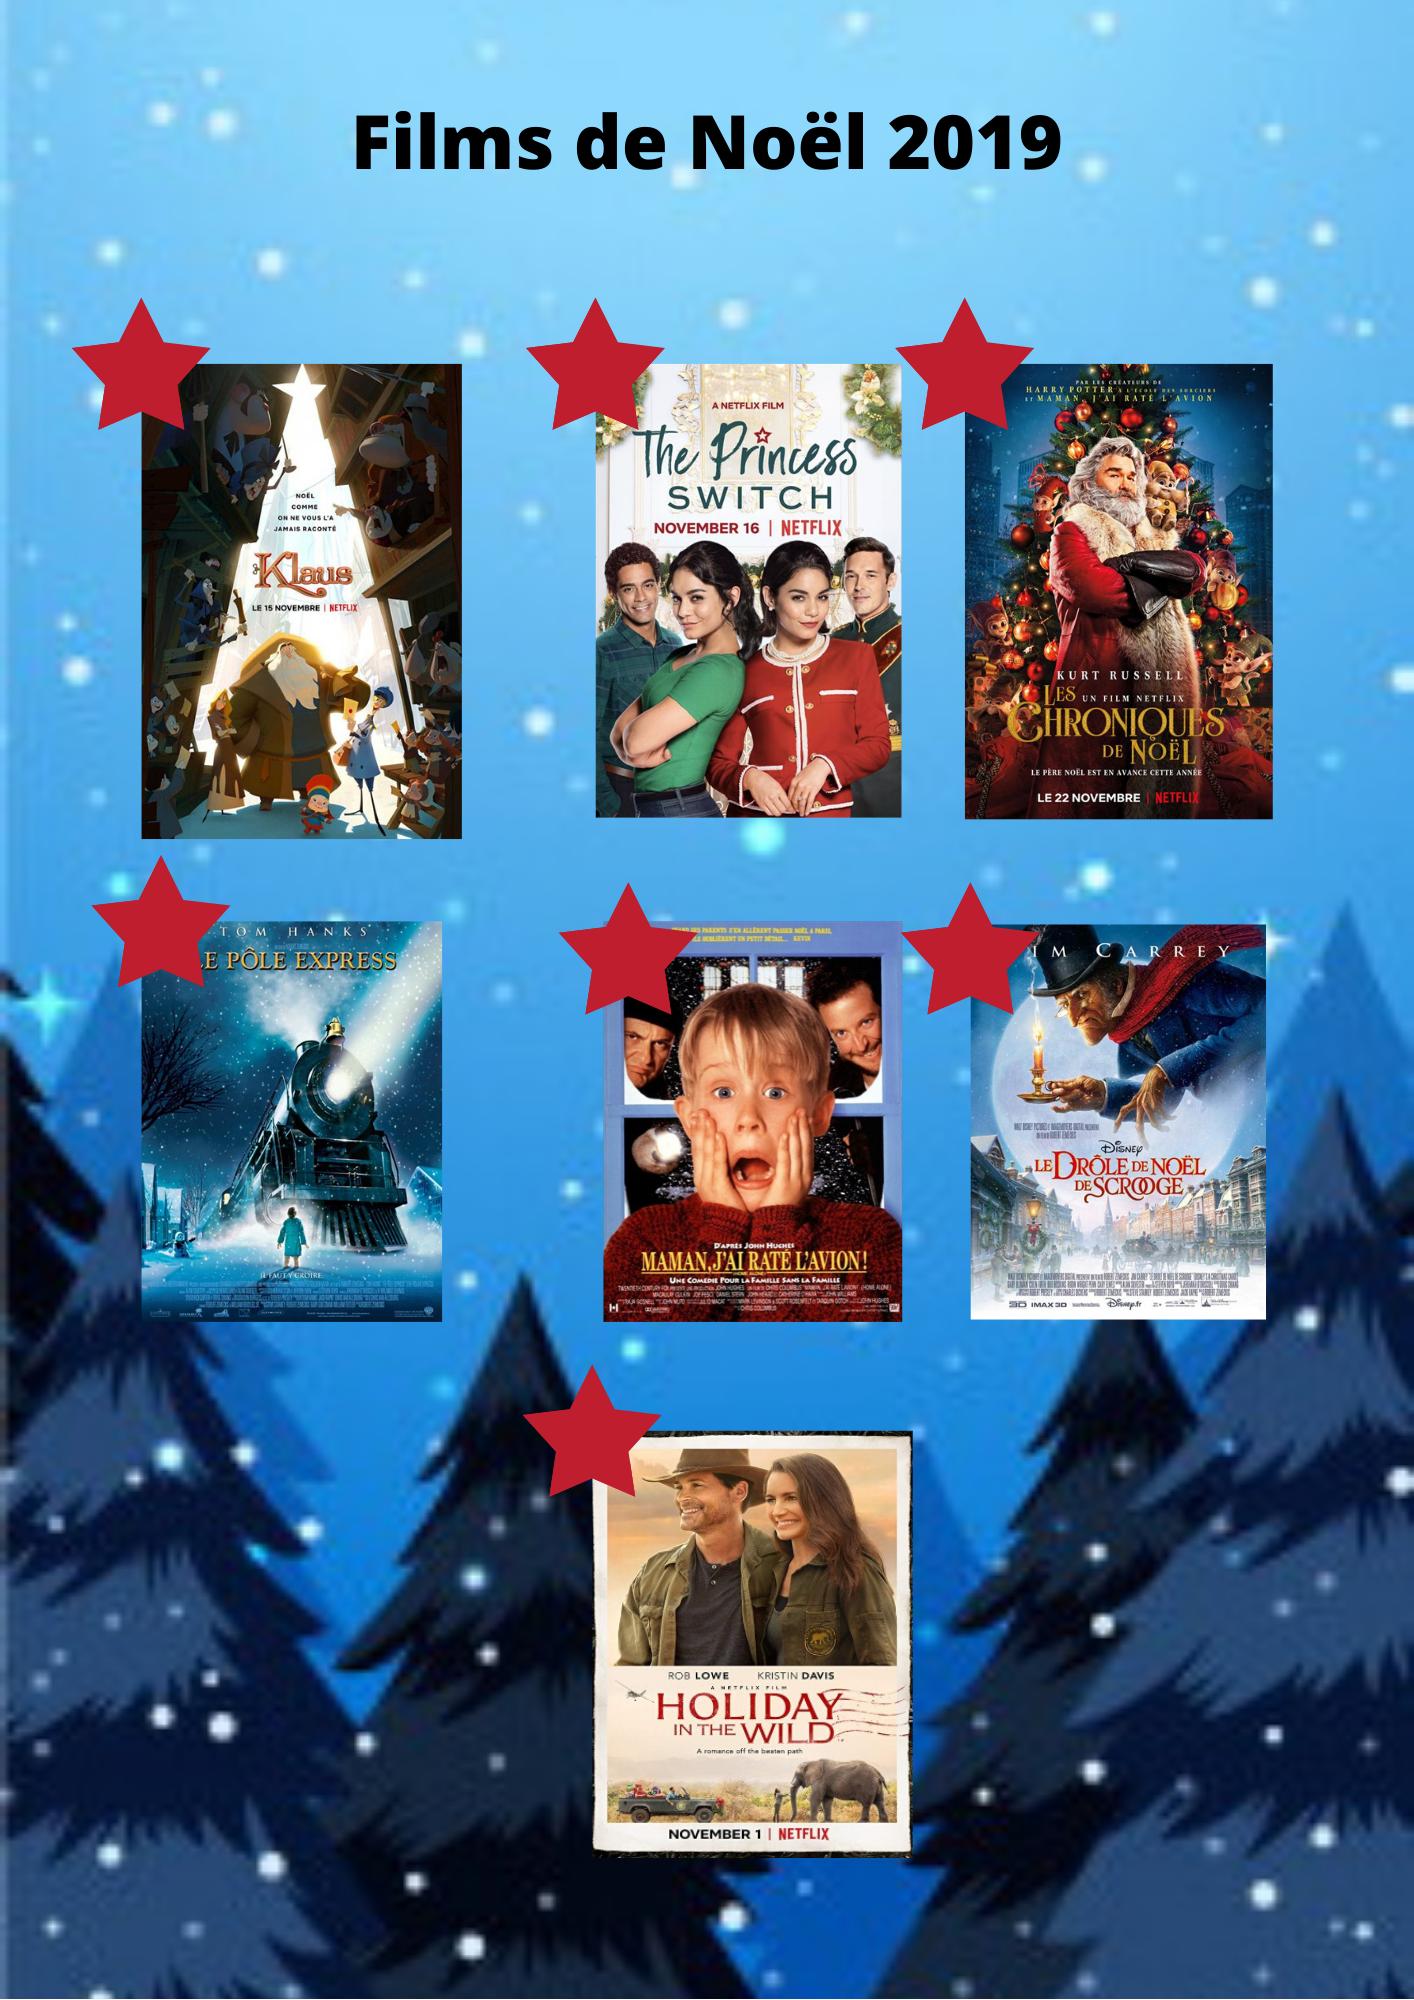 Films de Noël à voir en famille Film de noël, Film, Noel